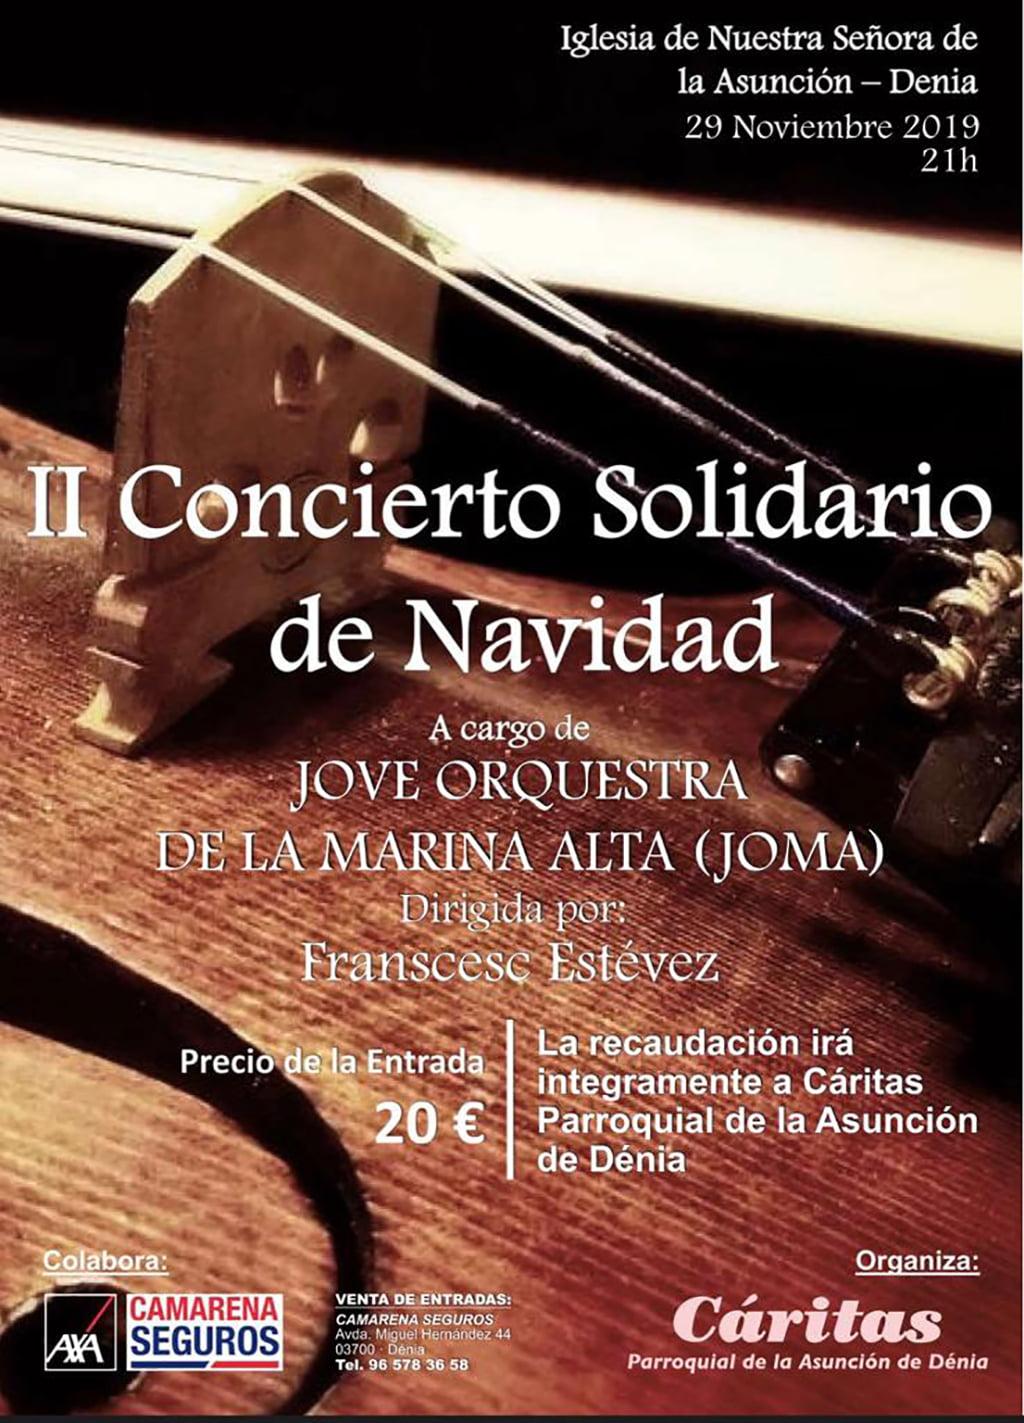 Cartel del concierto de Navidad de Cáritas